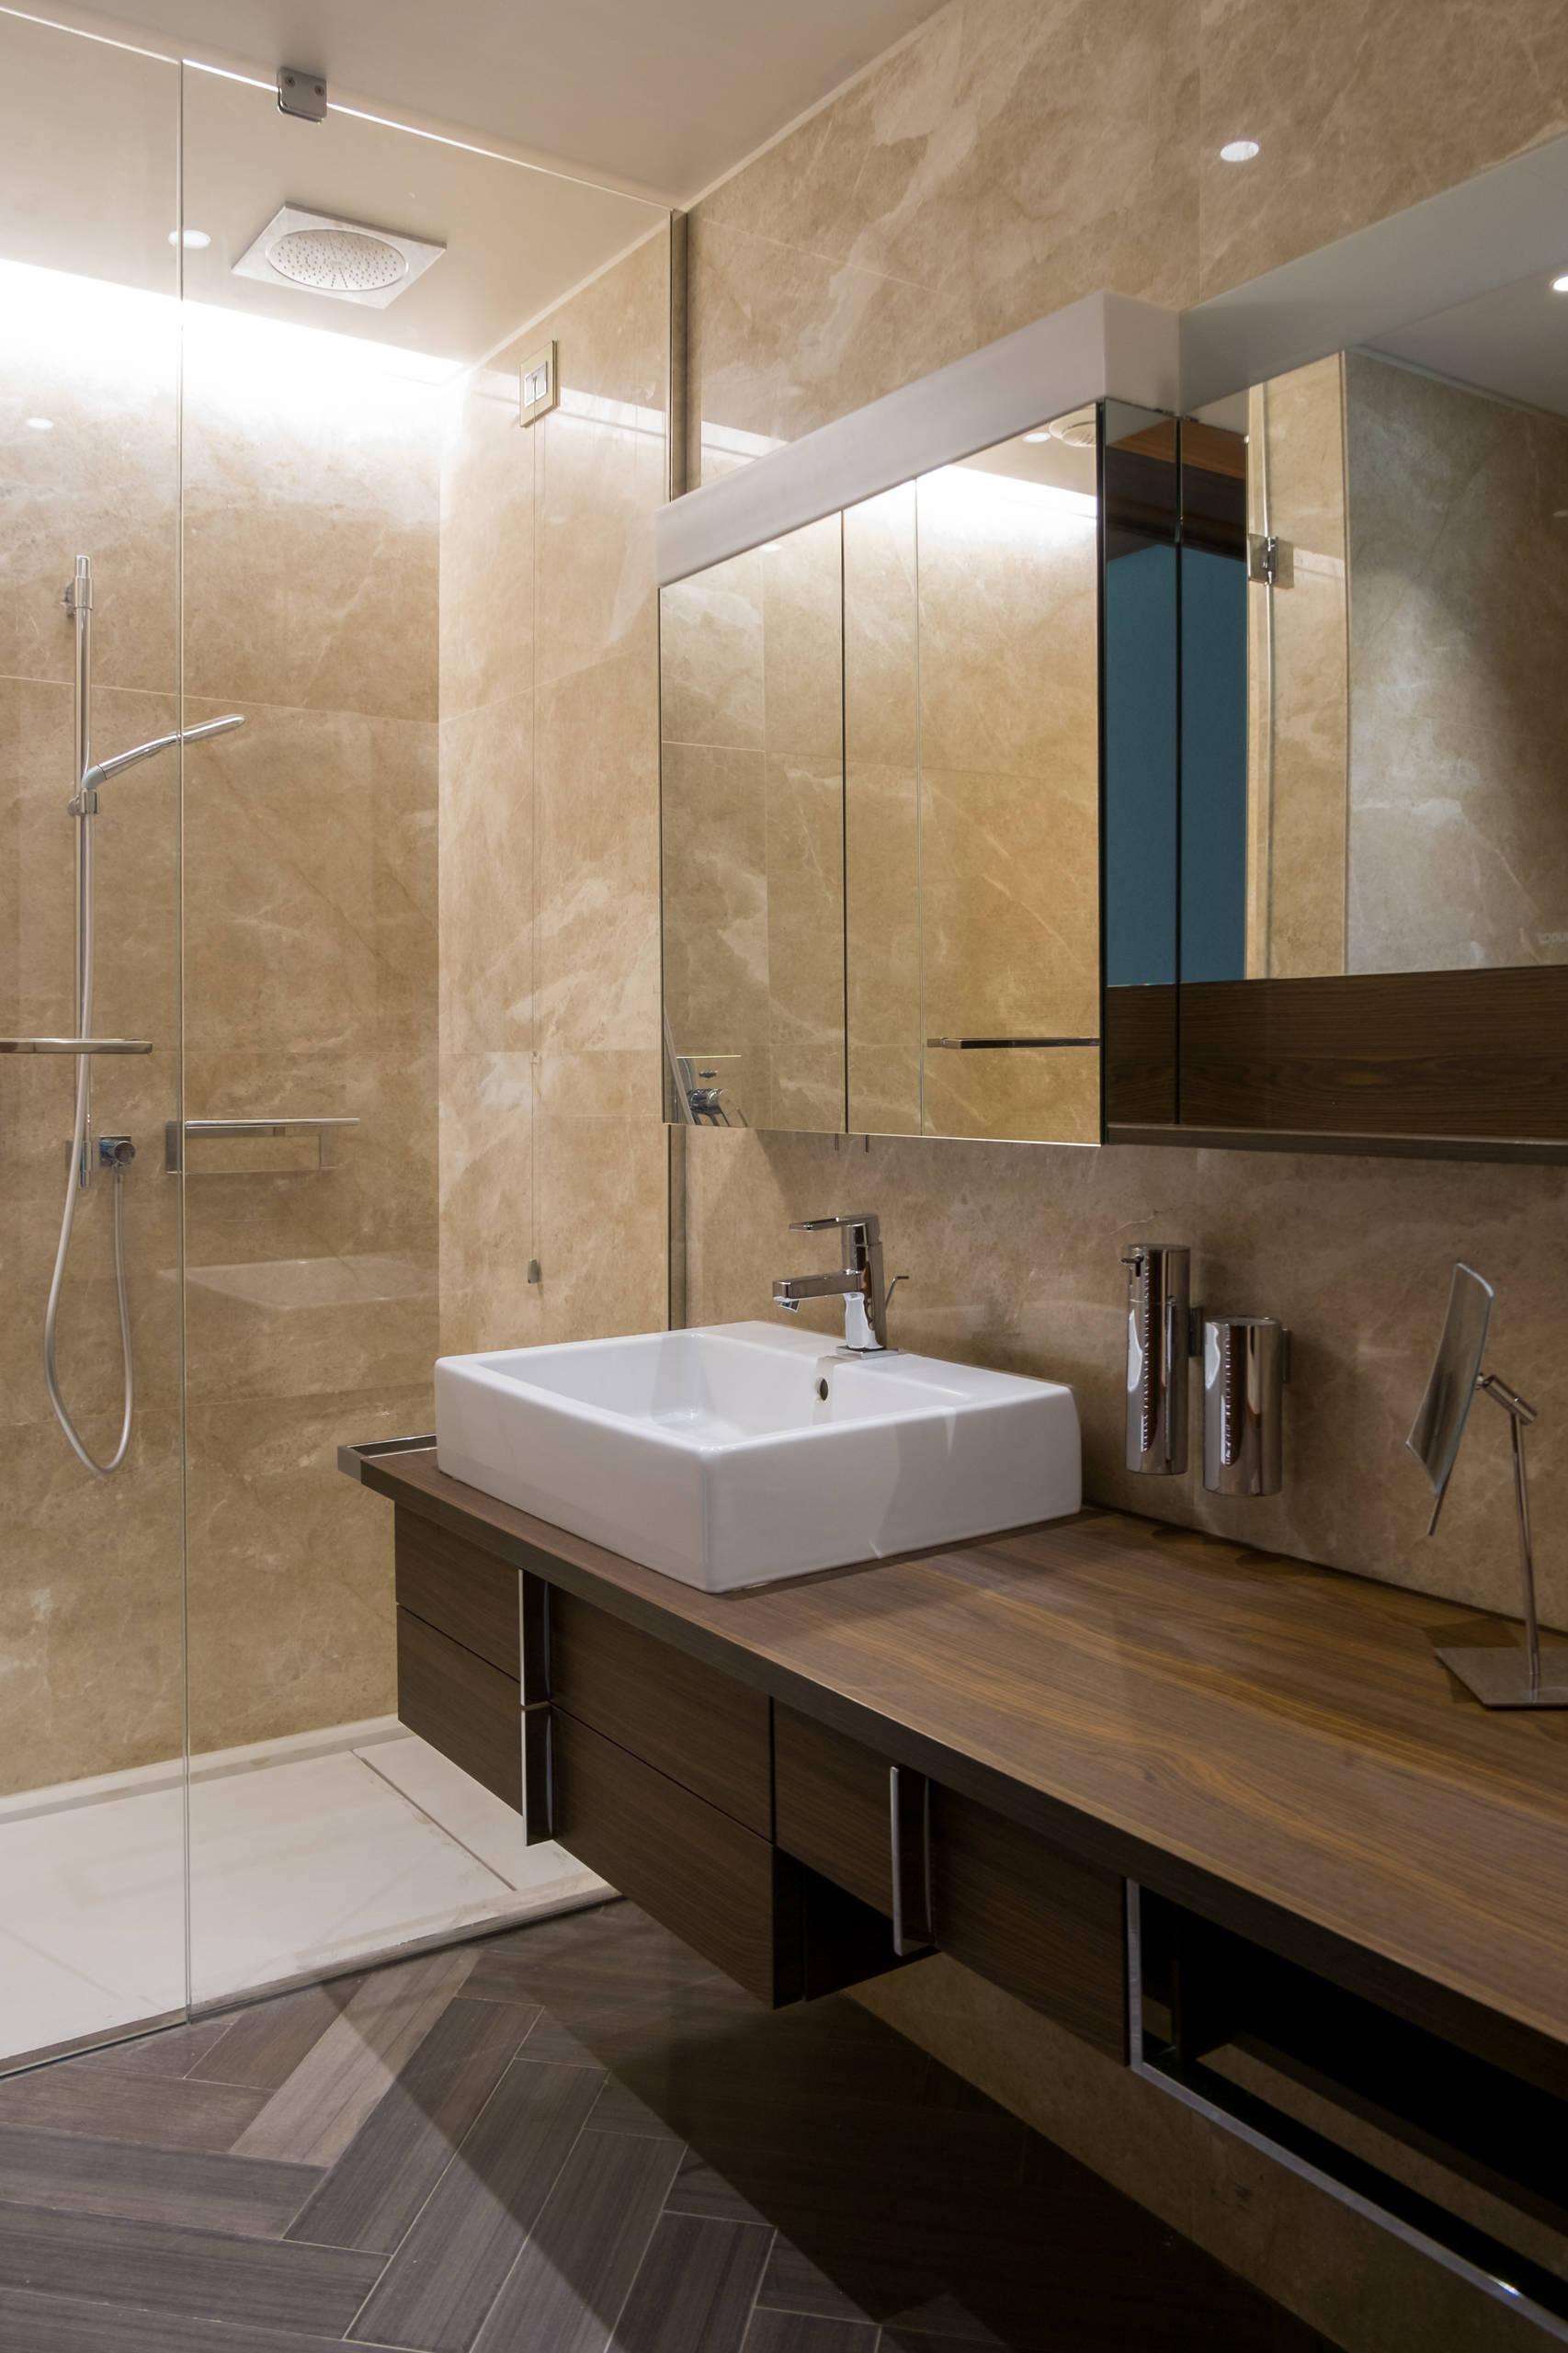 Ванная комната среднего размера в современном стиле. Комбинированные зеркальные шкафчики